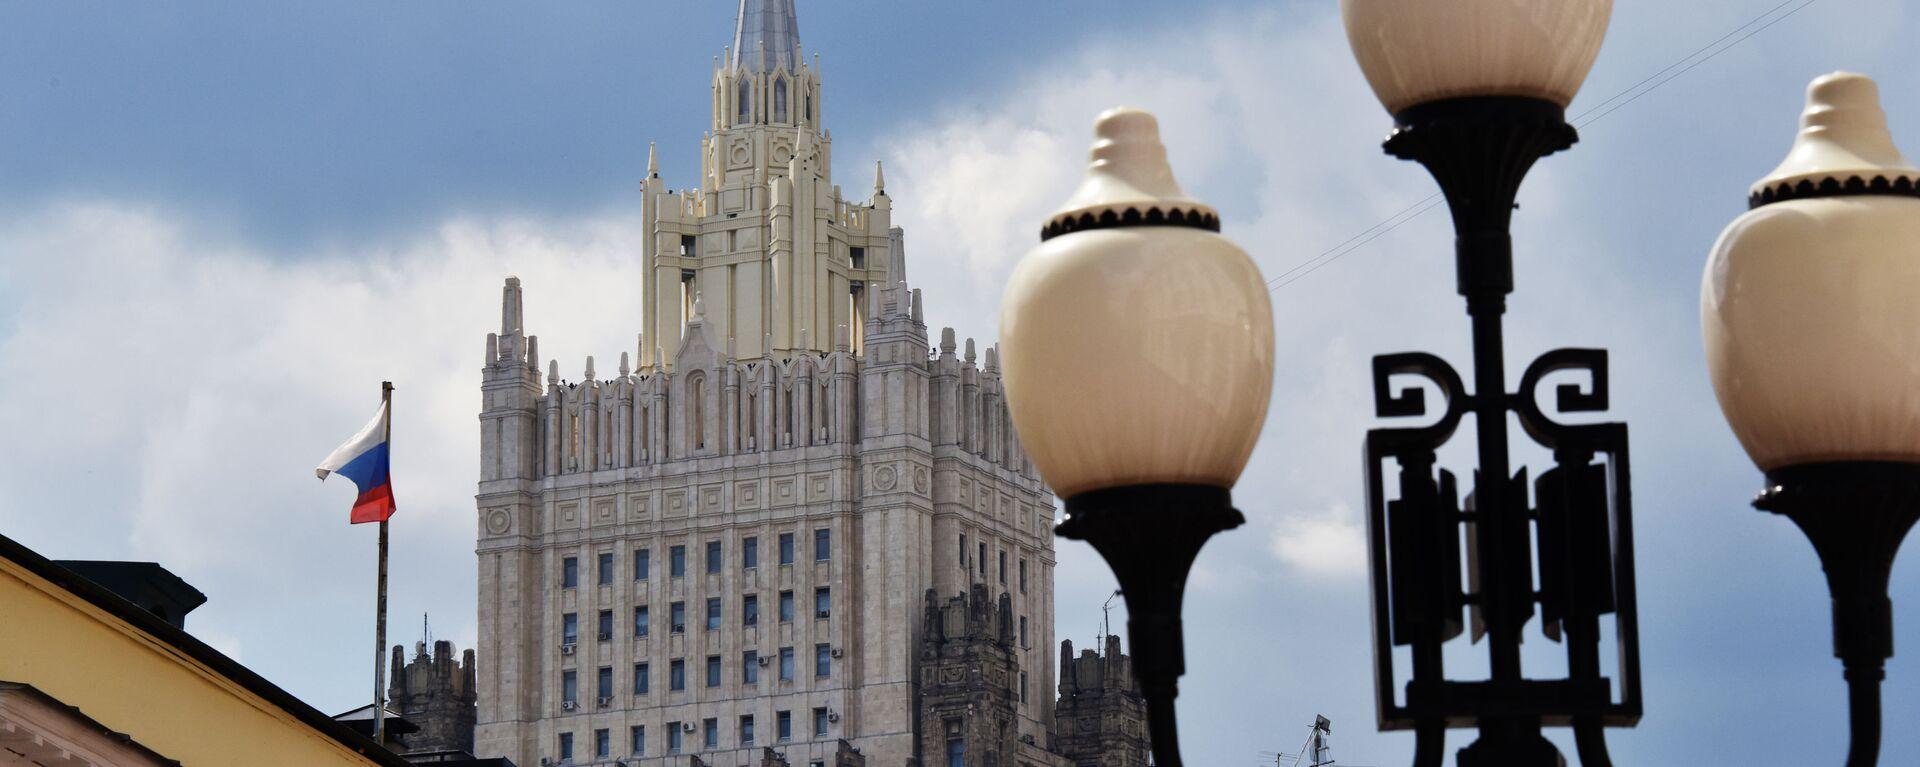 Ministerstvo zahraničních věcí v Moskvě - Sputnik Česká republika, 1920, 23.07.2021